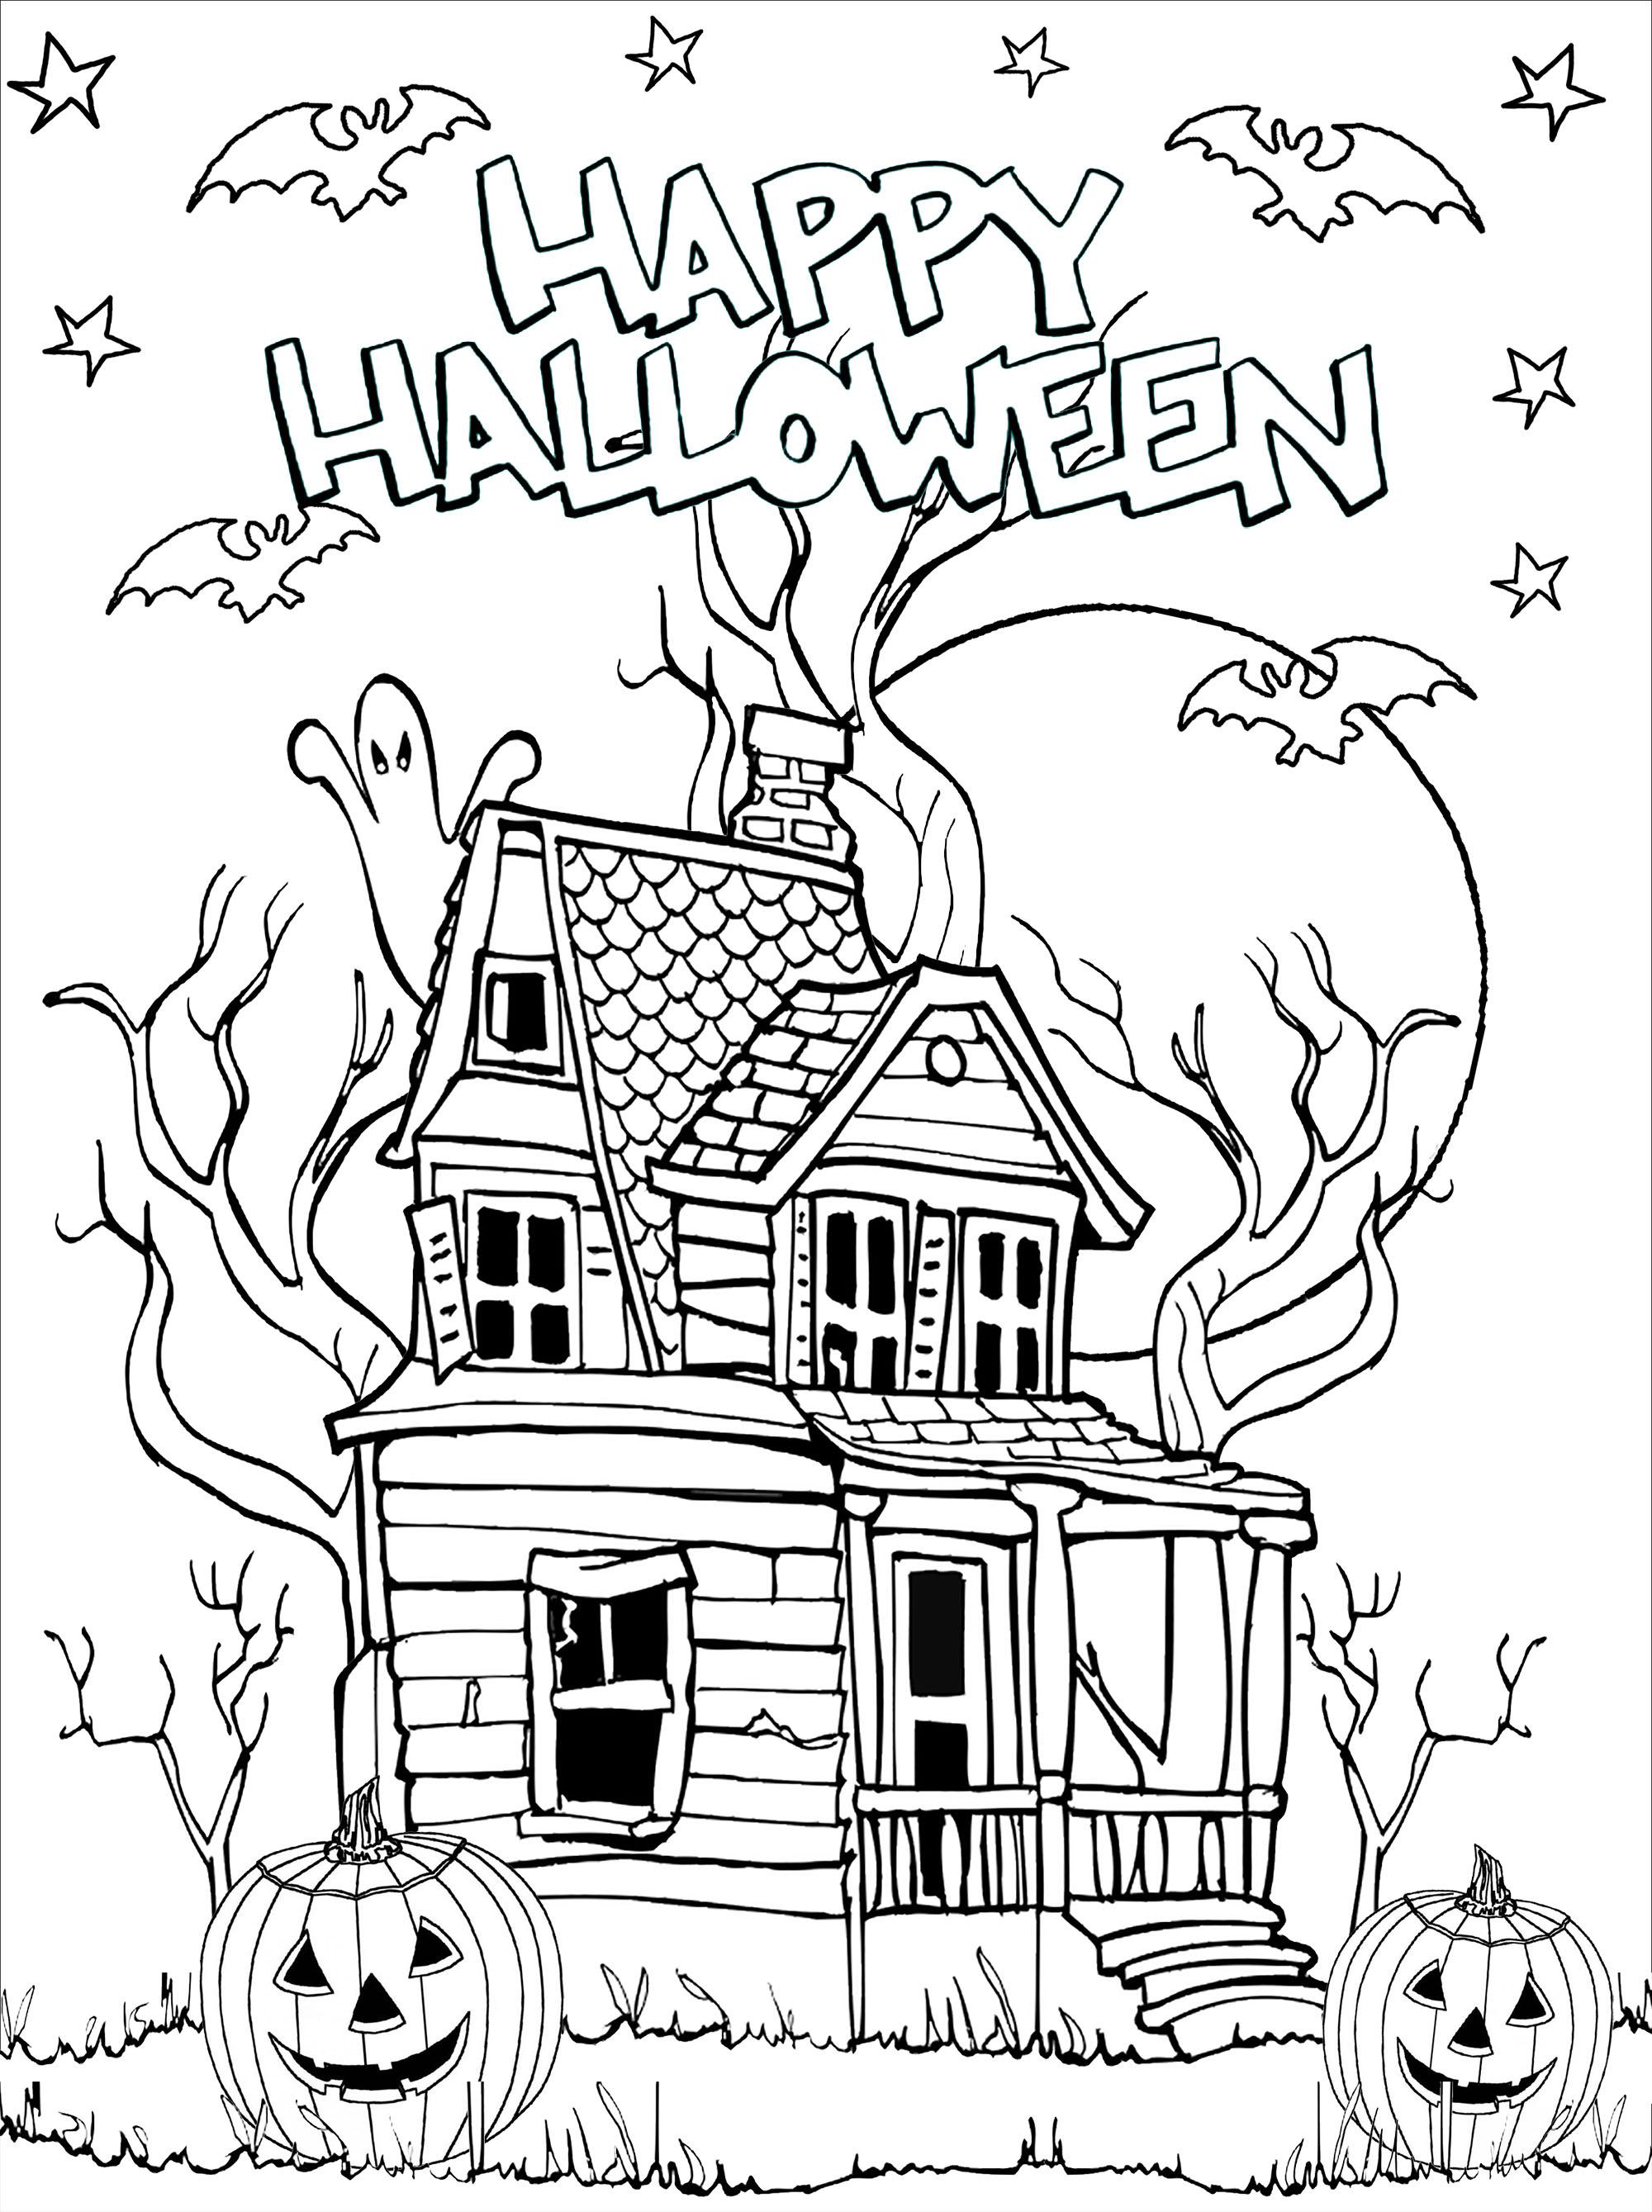 Coloriage de maison hantée avec citrouilles (Jack-o'-lantern), chauves-souris, lune et étoiles